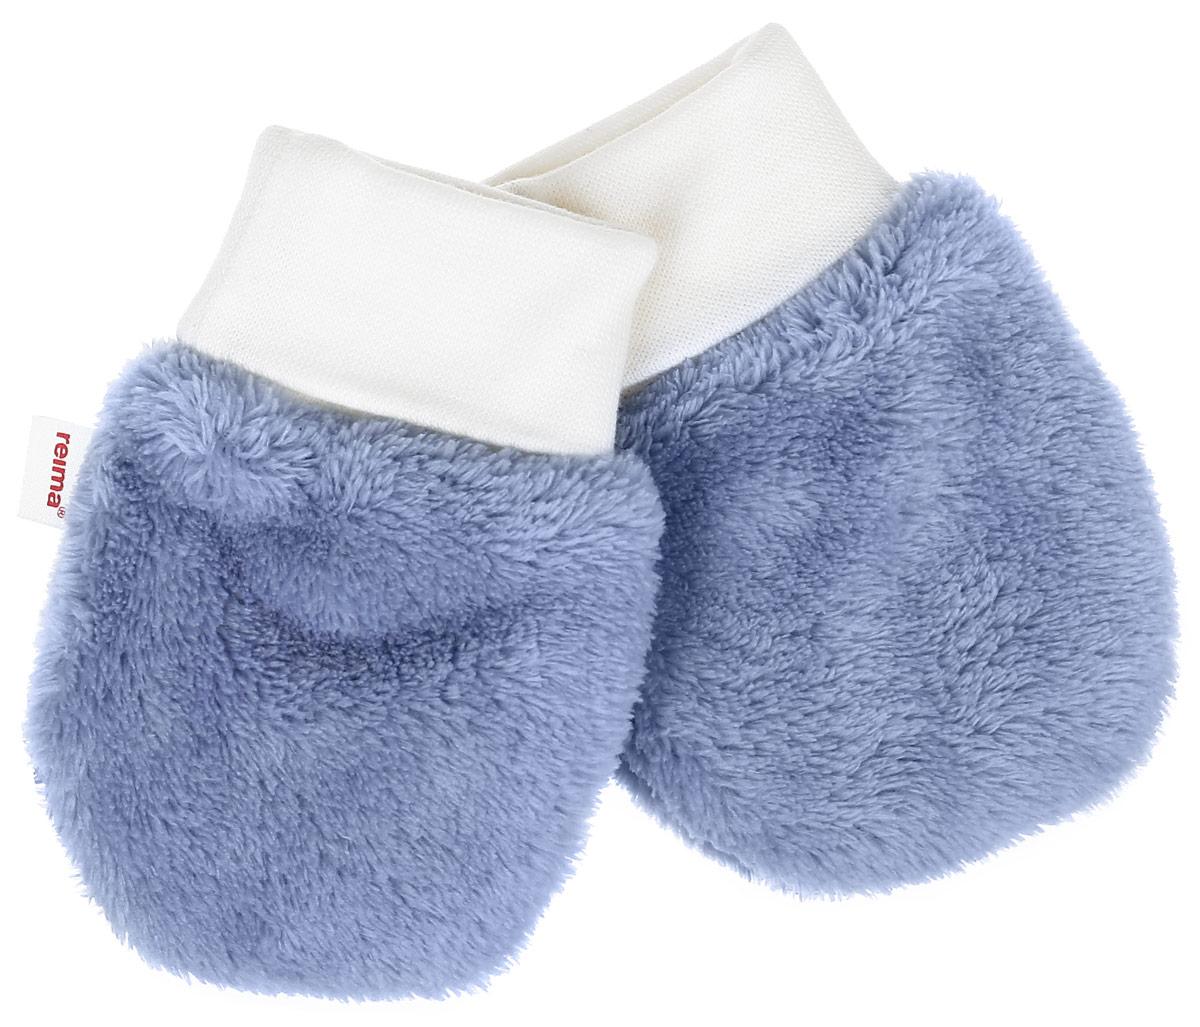 Варежки детские Reima Lepus, цвет: голубой. 517117-6770. Размер 1517117-6770Мягкие пушистые варежки Reima Lepus для самых маленьких на подкладке из мягкого флиса с длинными подворачивающимися манжетами на резинке, которые обеспечивают оптимальную посадку и облегчают процесс одевания. Для крошечных ручек выбираем только самое мягкое и самое удобное! Оригинальный дизайн и модная расцветка делают эти варежки модным и стильным предметом детского гардероба. В них ваш малыш будет чувствовать себя уютно и комфортно и всегда будет в центре внимания!